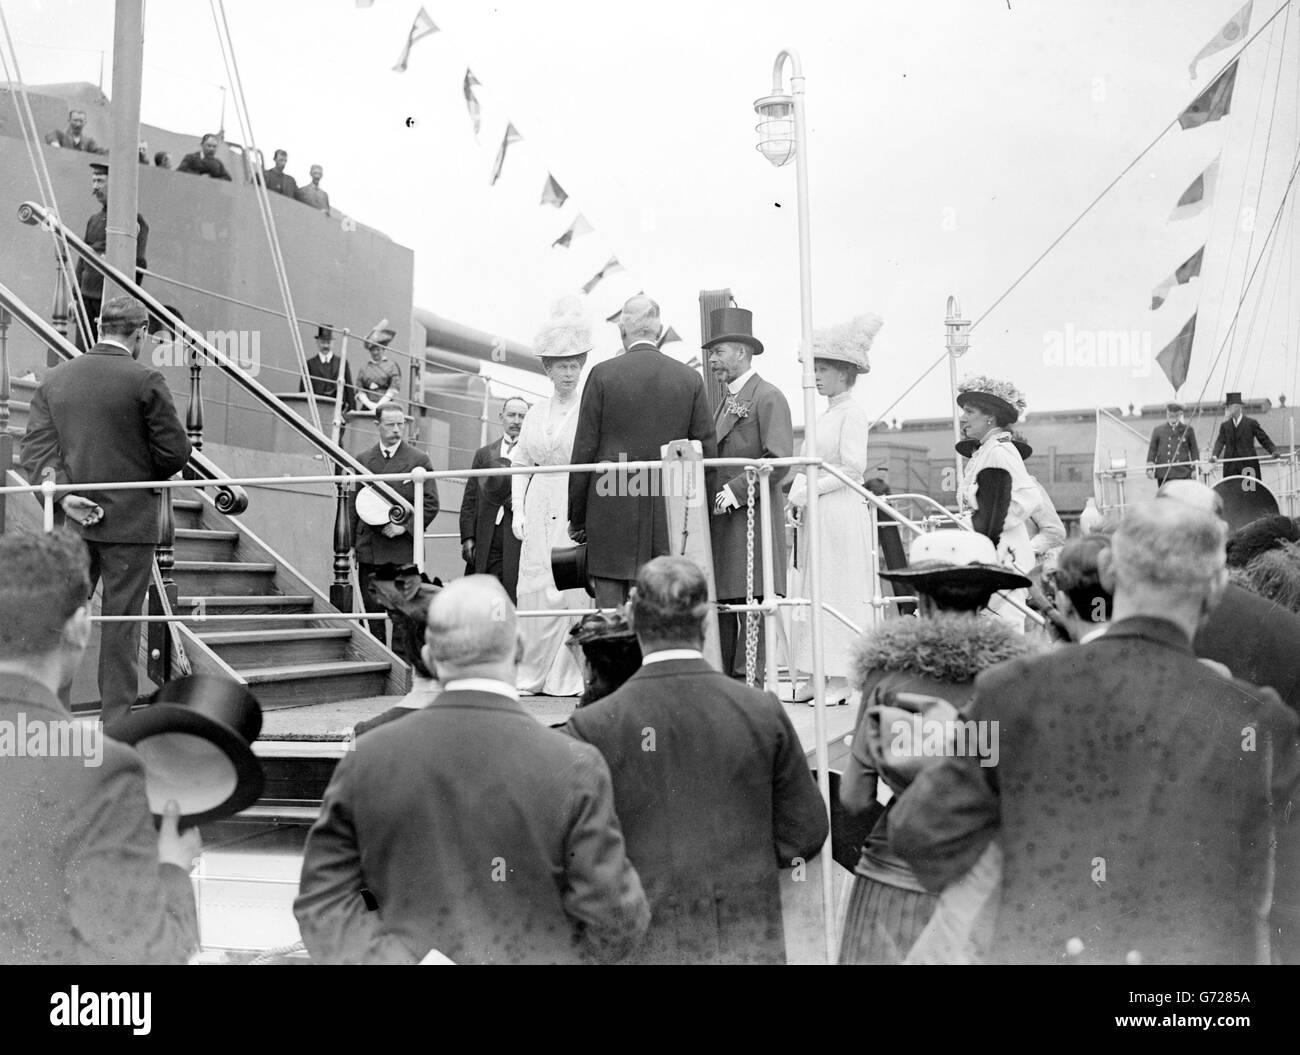 El rey Jorge V y la reina María con la princesa María se embarca en el HMS Benbow, un acorazado de la clase Iron Duke, durante su visita a Escocia, 1914. Foto de stock